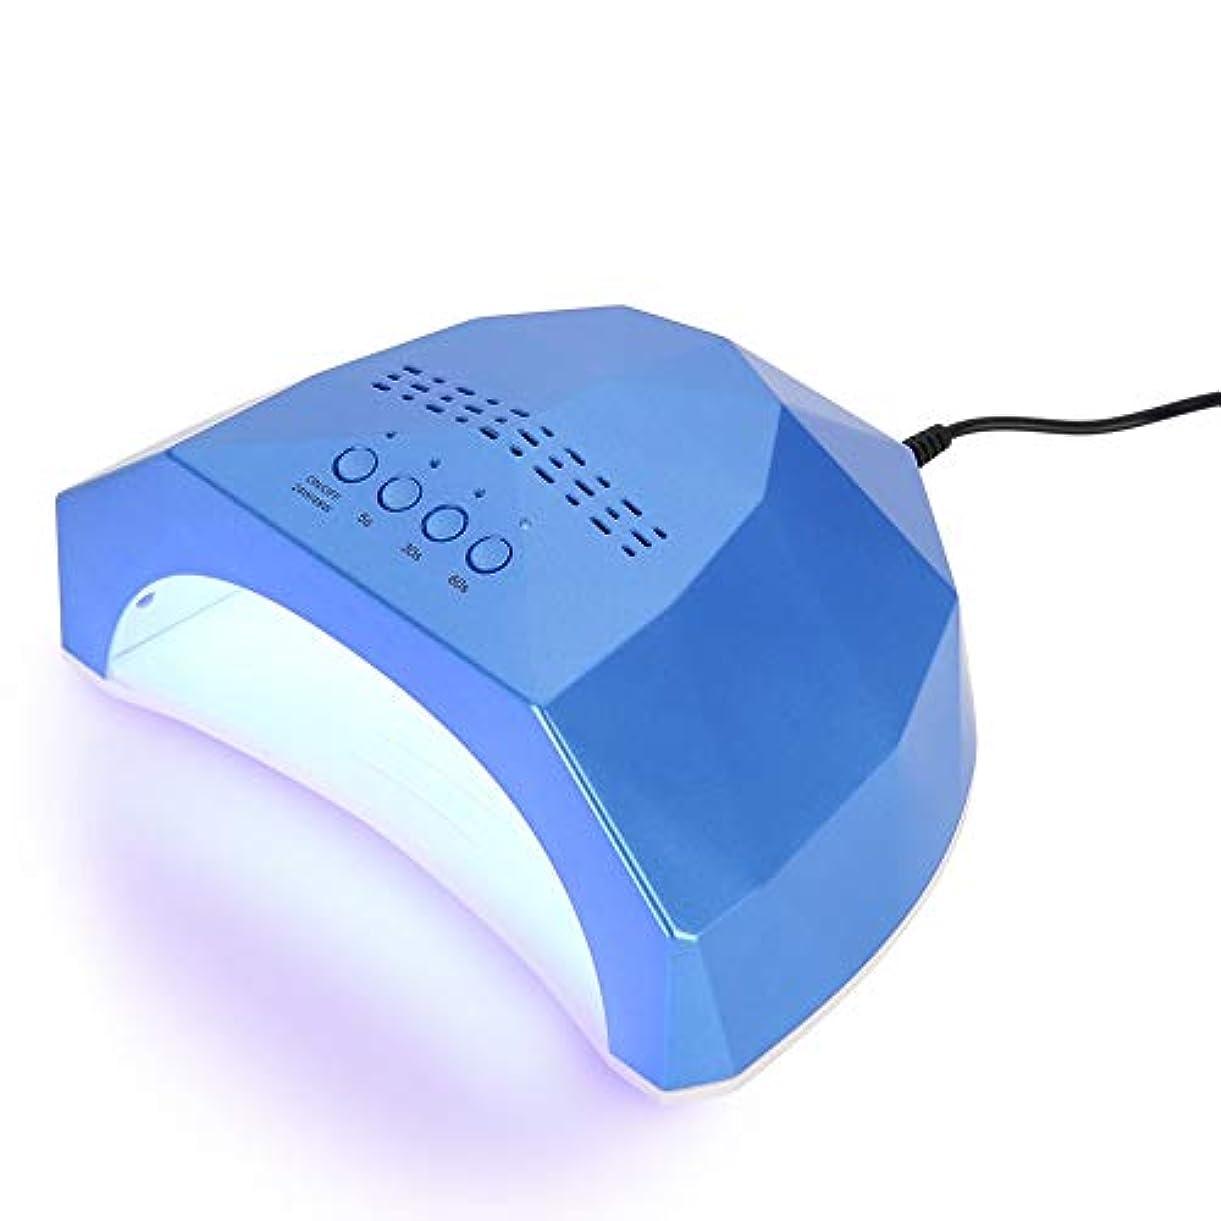 48W ネイルアートLEDランプ ネイルドライヤー LED釘ランプのドライヤーラン 硬化マニキュア (Blue)